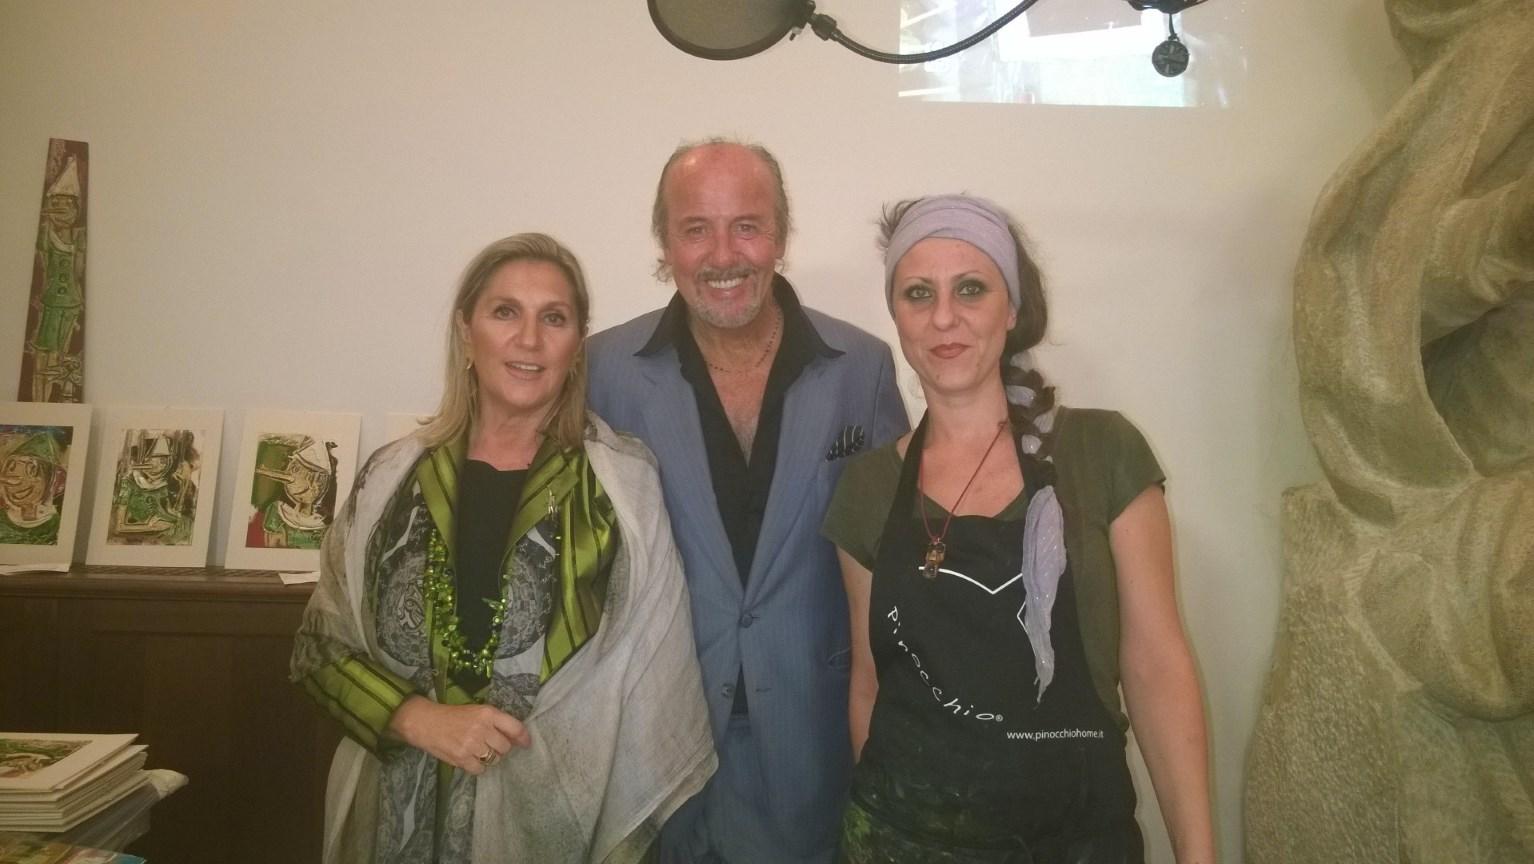 Roma, 15 Ottobre 2014, con Enio Drovandi e Caterina Balletti